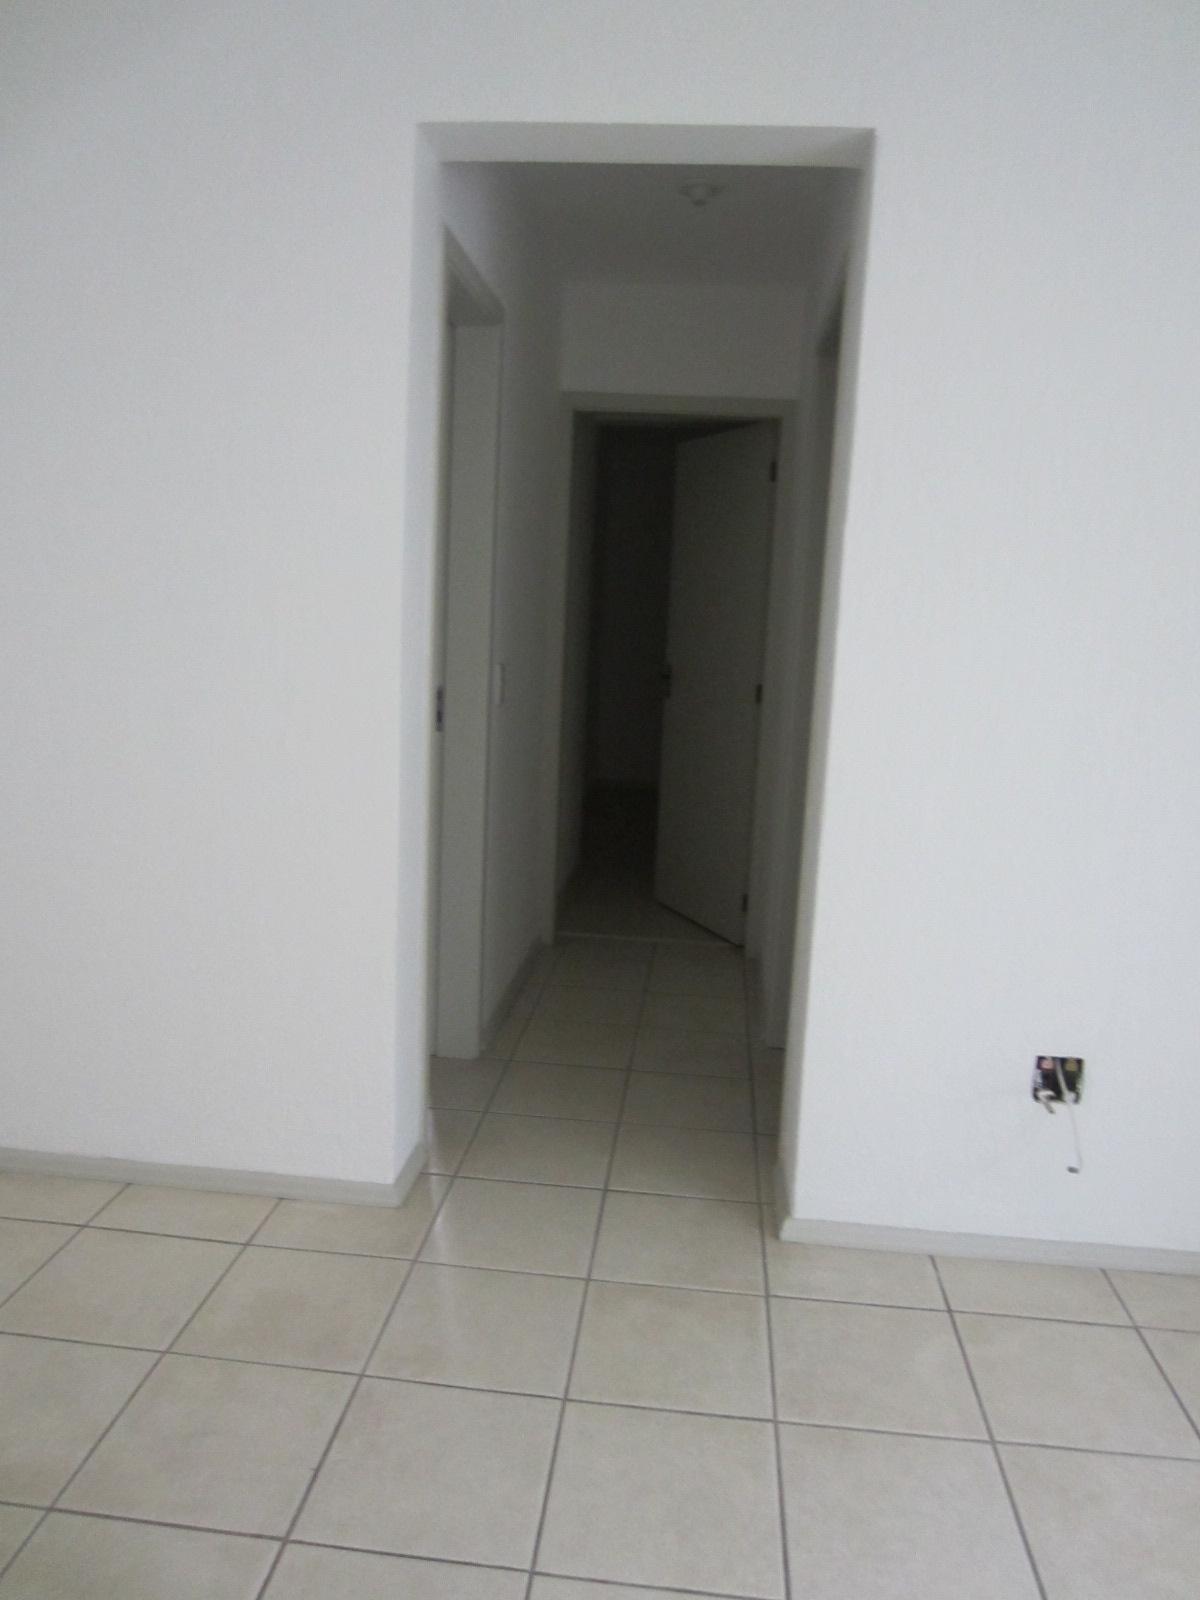 Imagens de #56544C  hotmail.com contato Lida Daidaihua azul USA Novo Hamburgo RS vender 1200x1600 px 2764 Box Banheiro Novo Hamburgo Rs